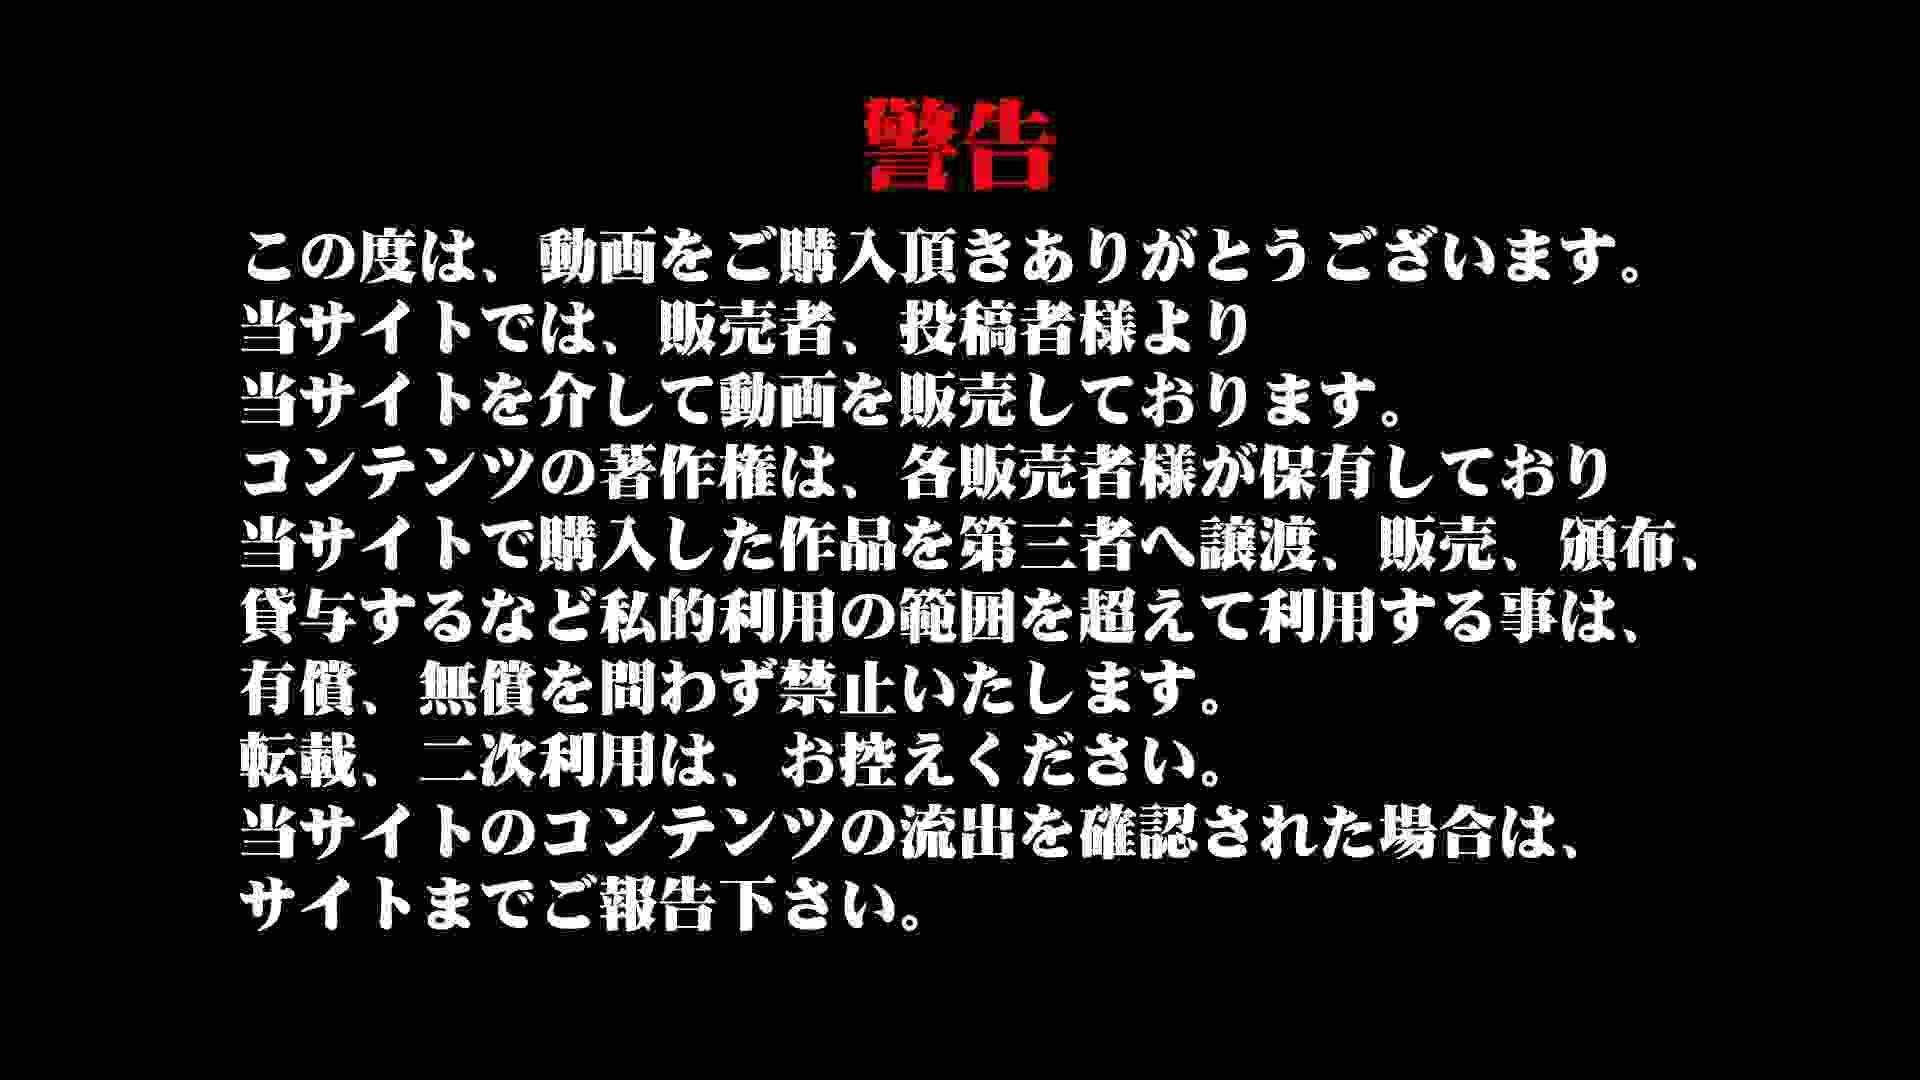 Aquaな露天風呂Vol.867潜入盗撮露天風呂参判湯 其の二 潜入 アダルト動画キャプチャ 58画像 2